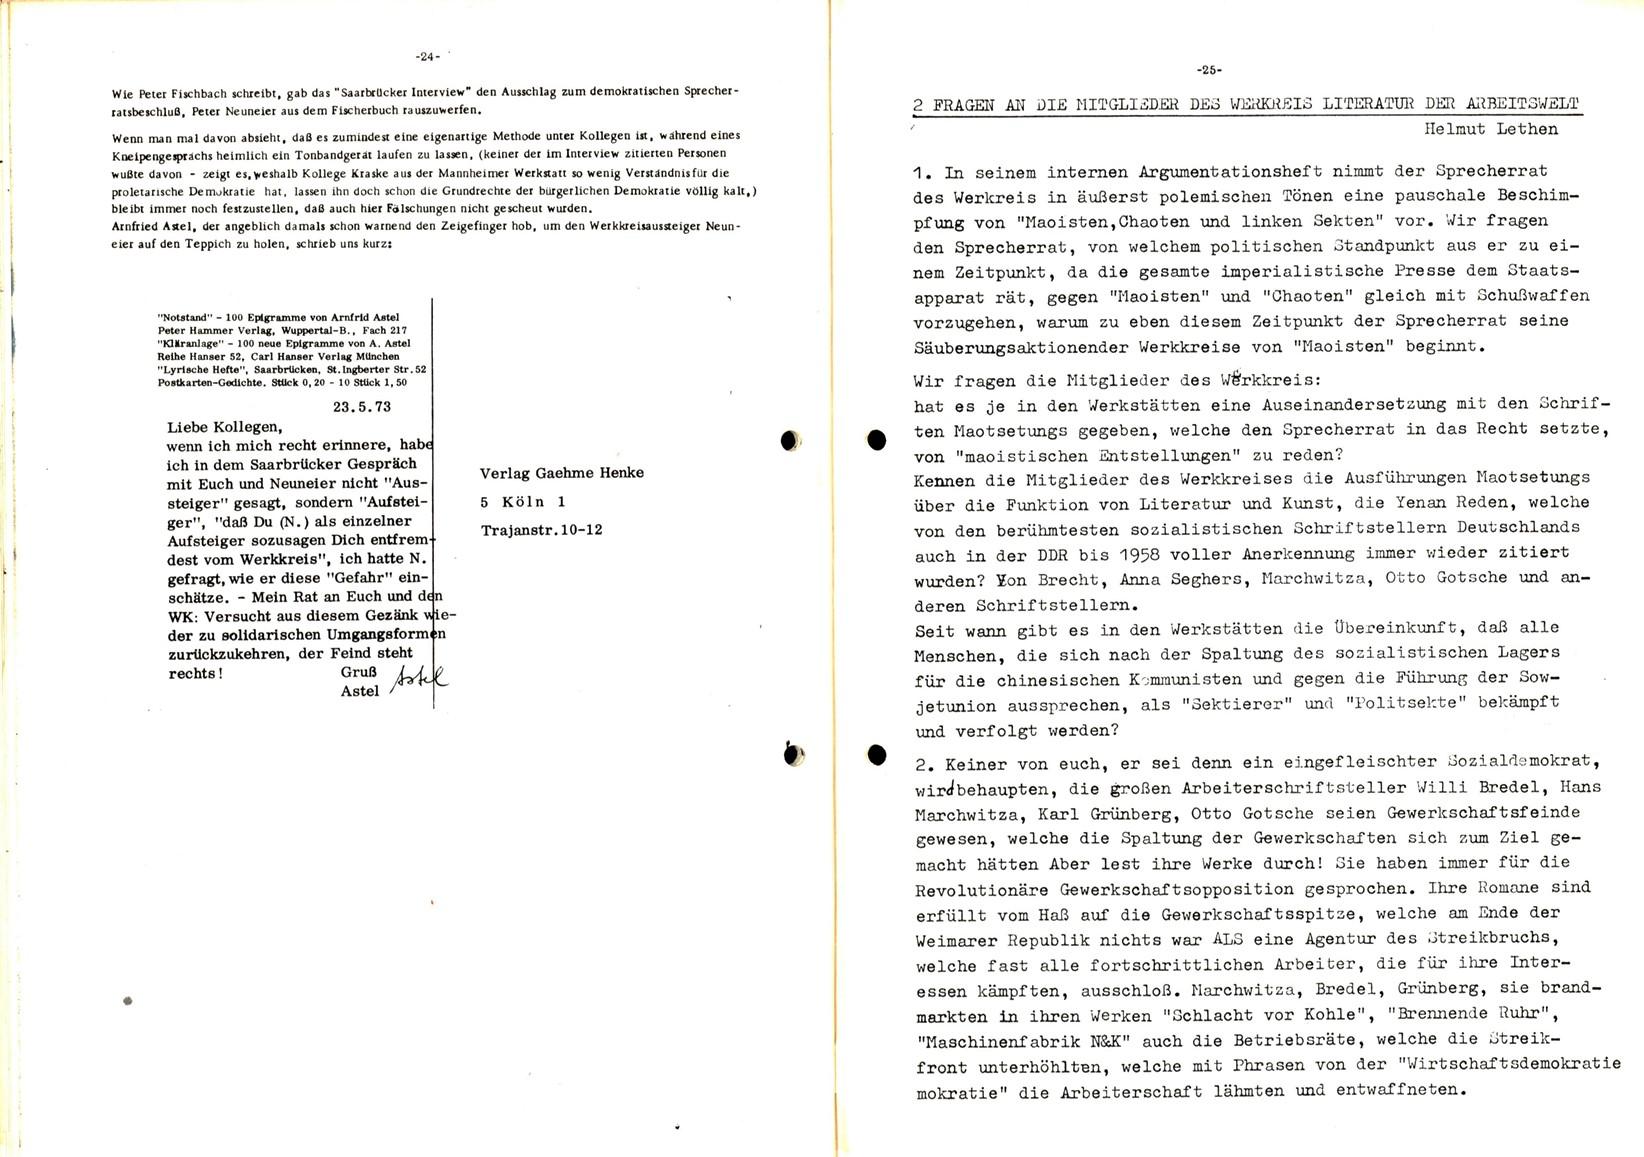 Ruhrkampf_Literaturpolitische_Korrespondenz_19730600_14